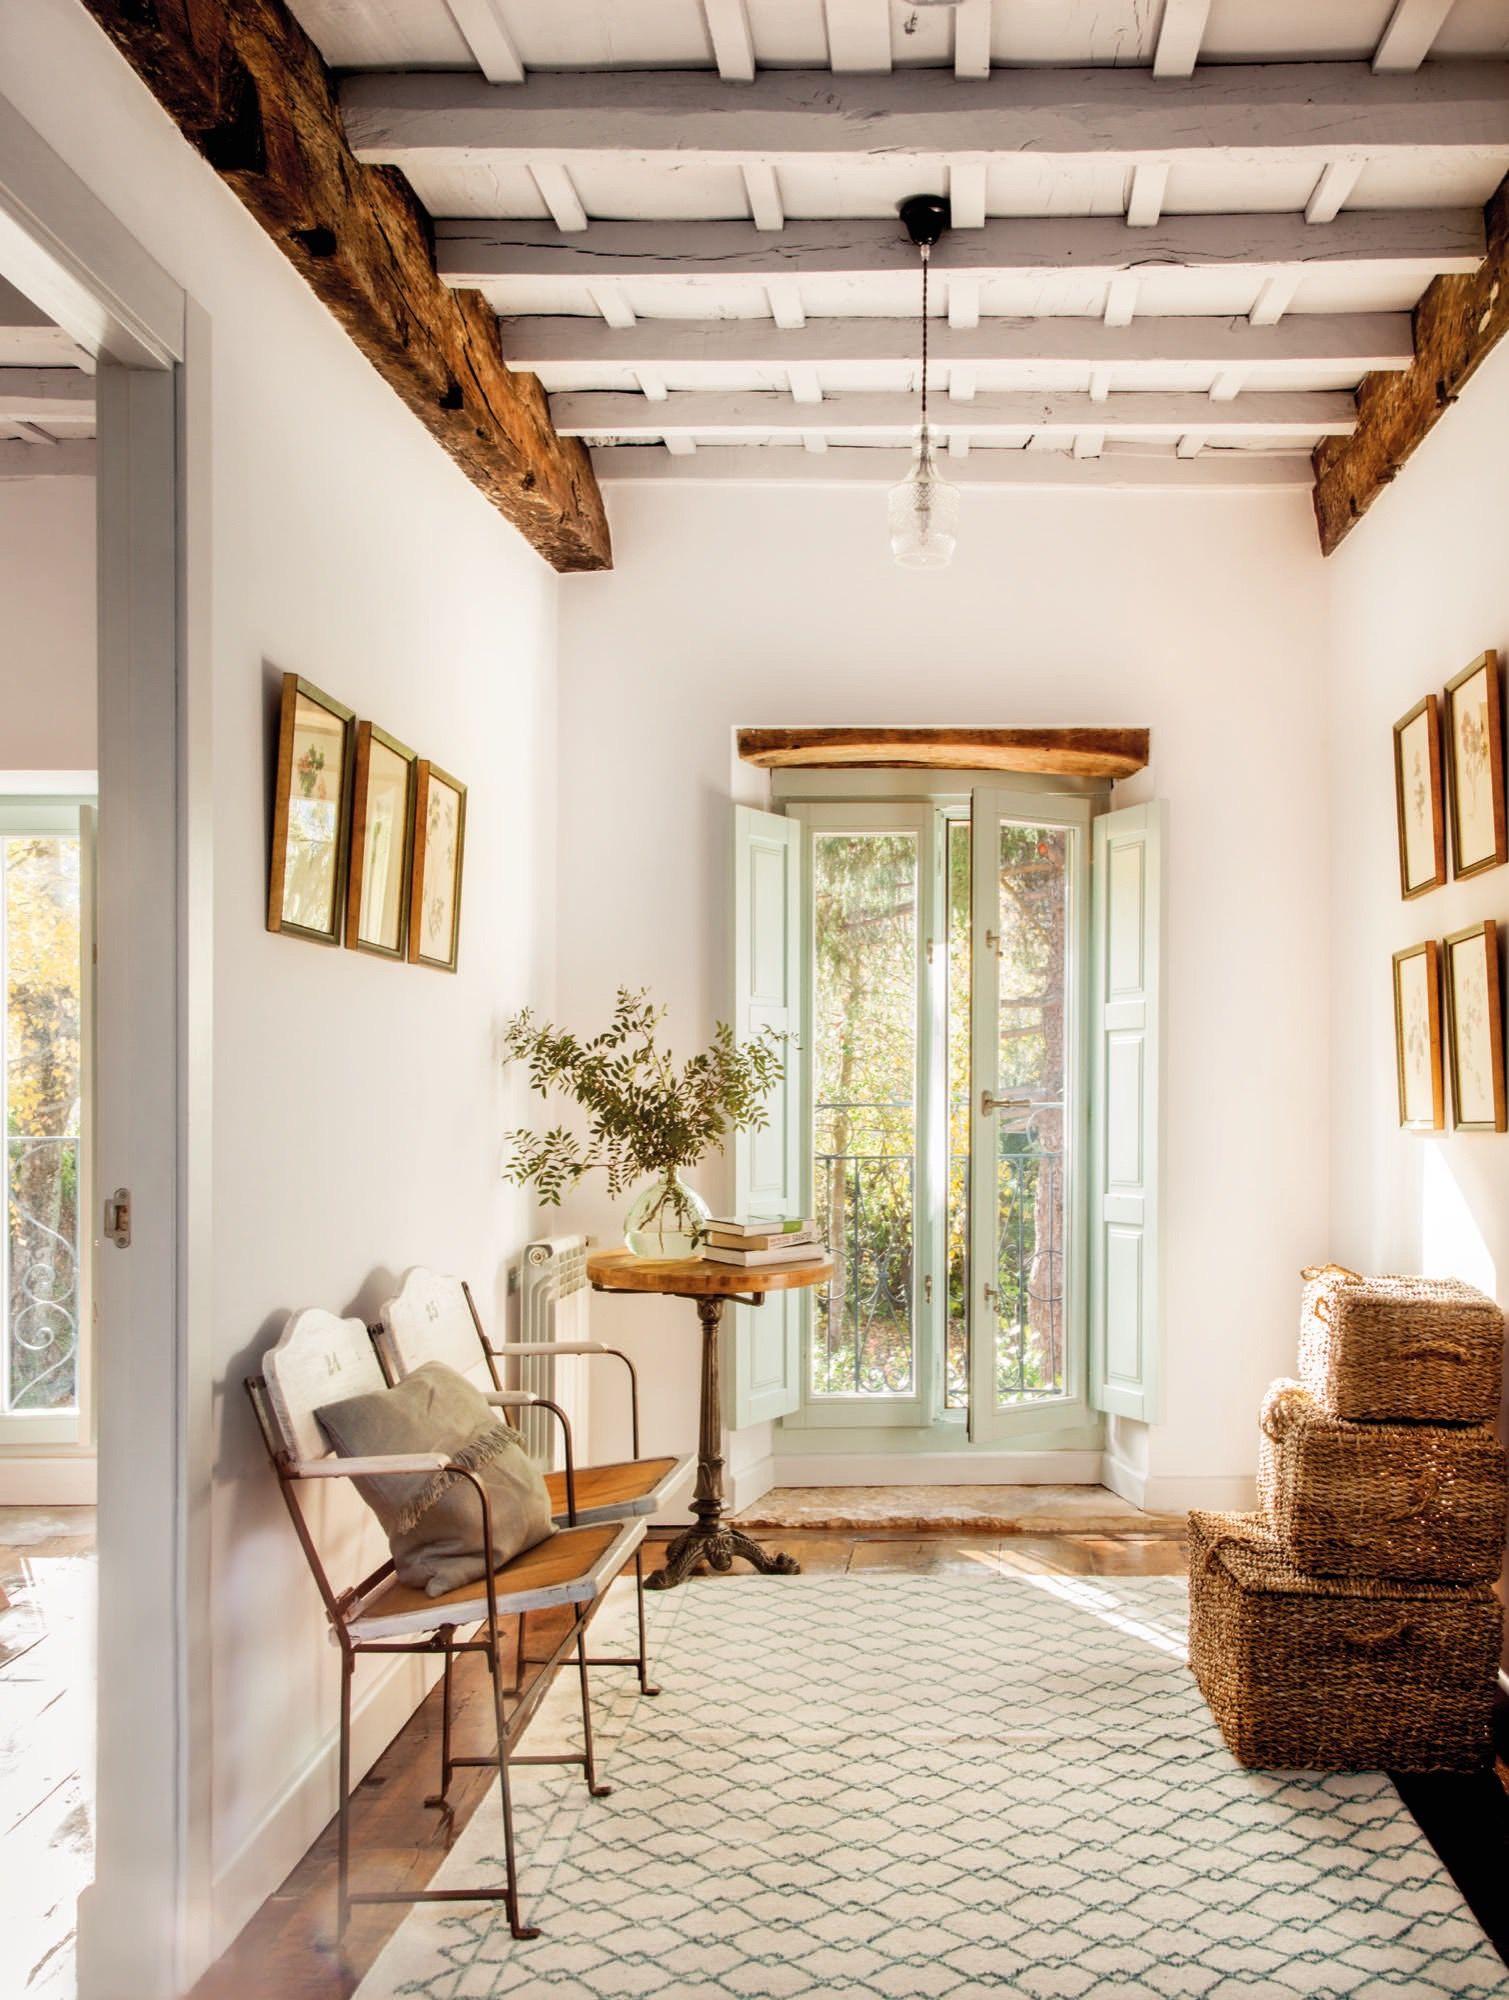 descansillo de una casa rustica modernizada | Casas rústicas, De ...